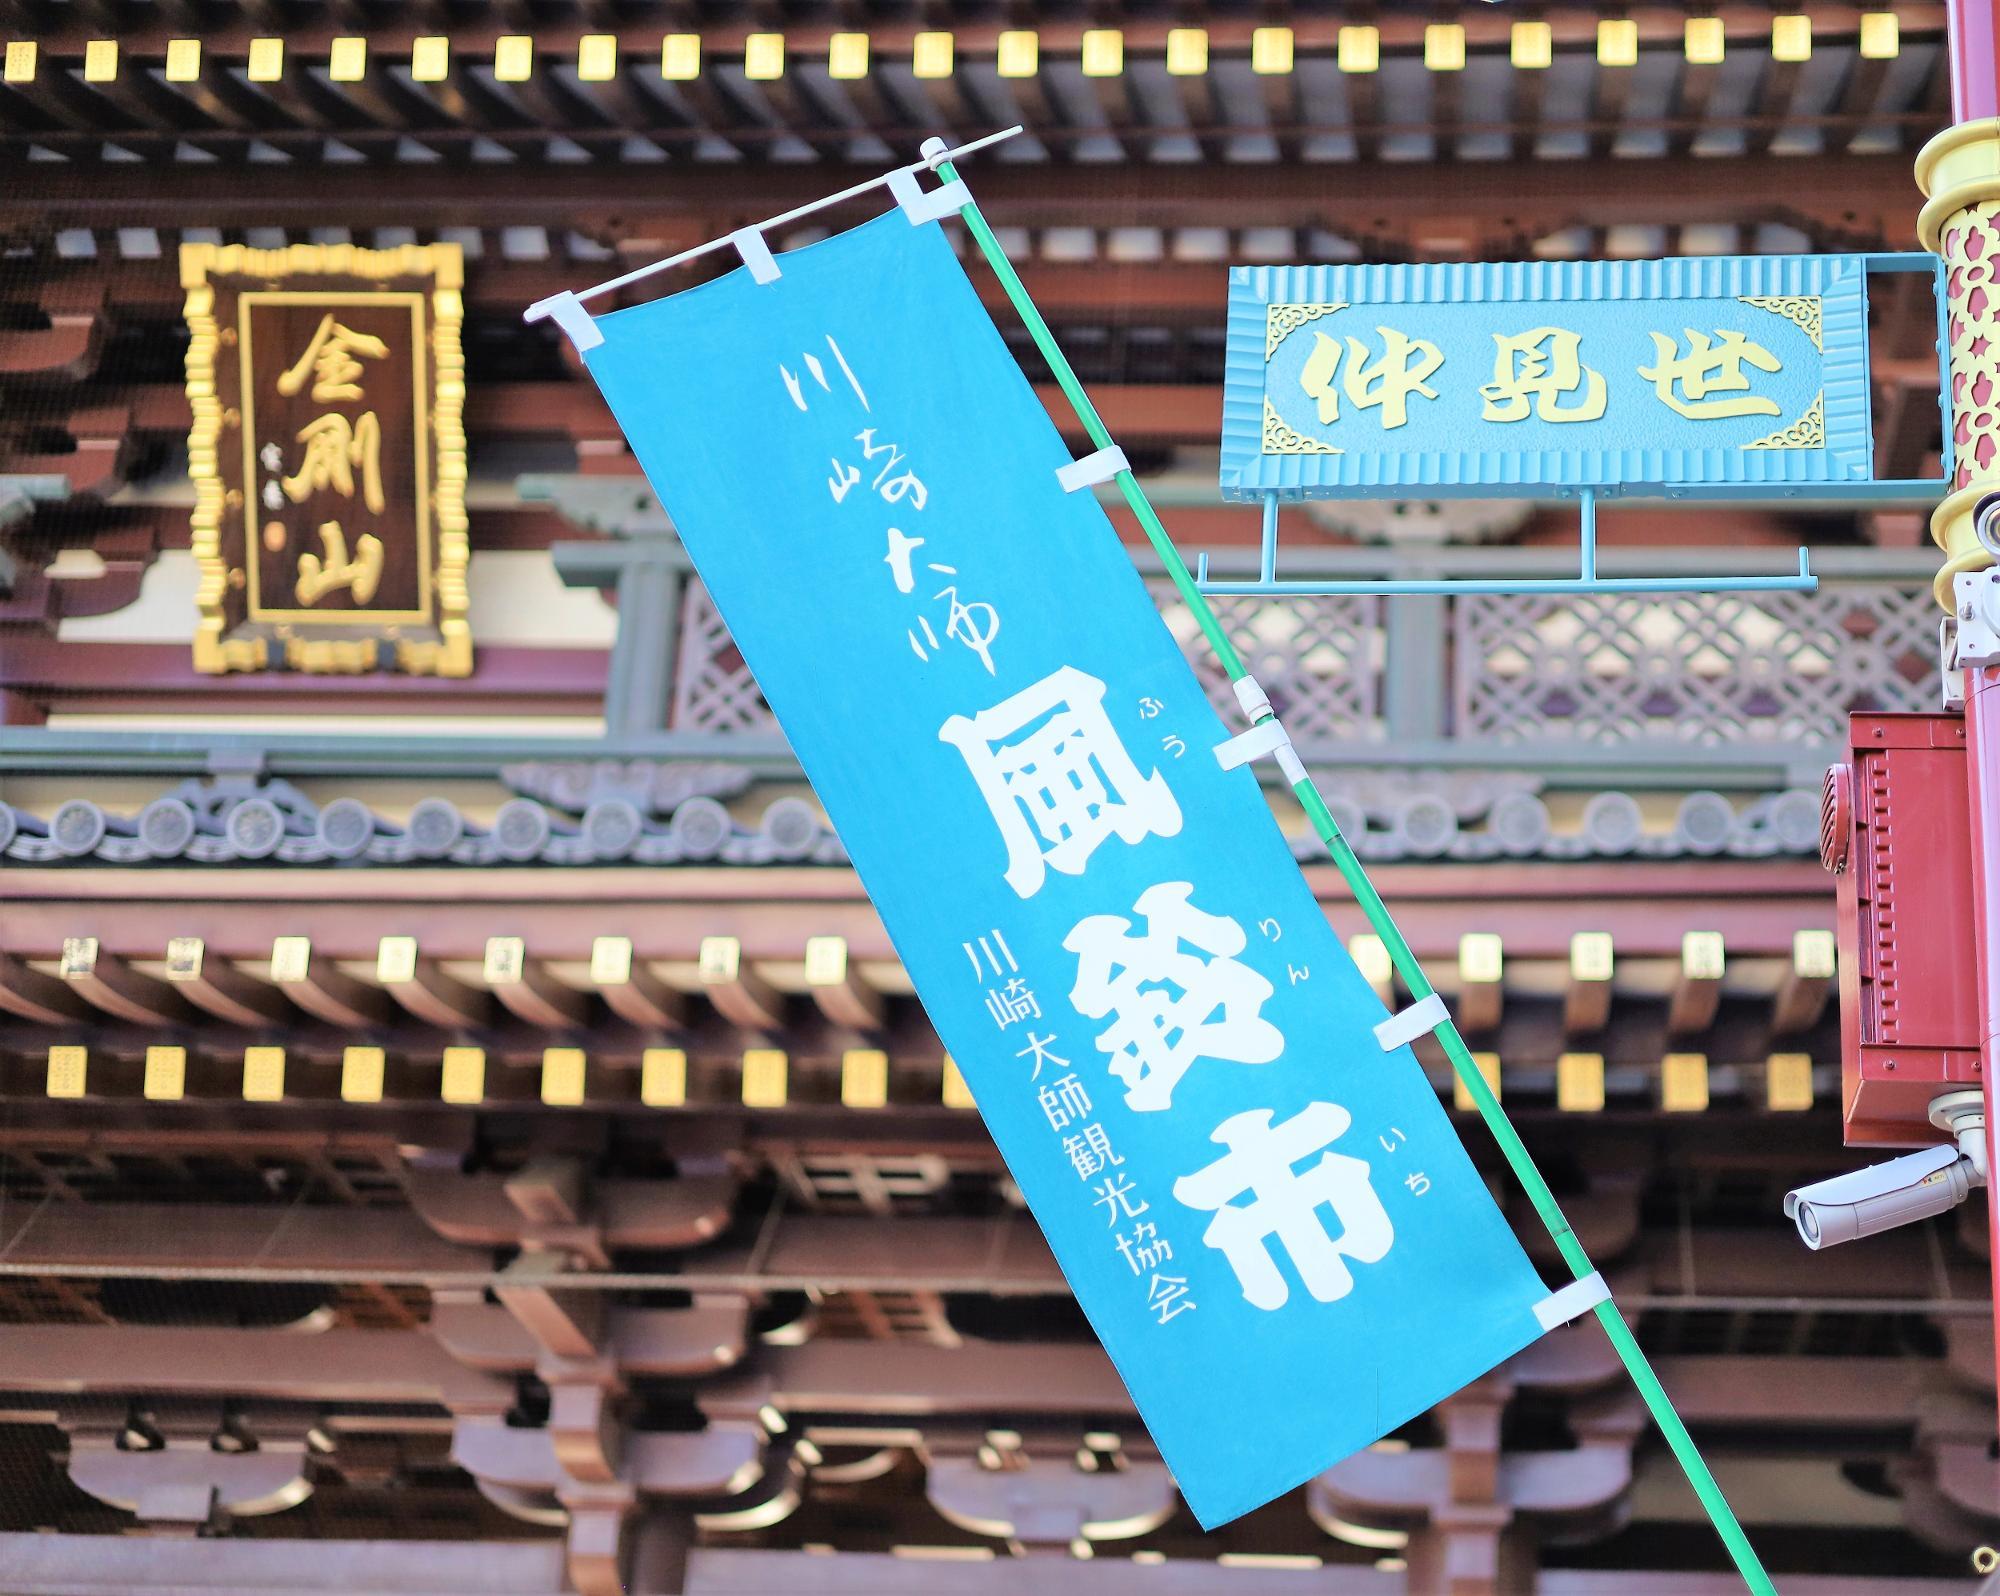 川崎大師の風鈴市は8月22日まで開催。